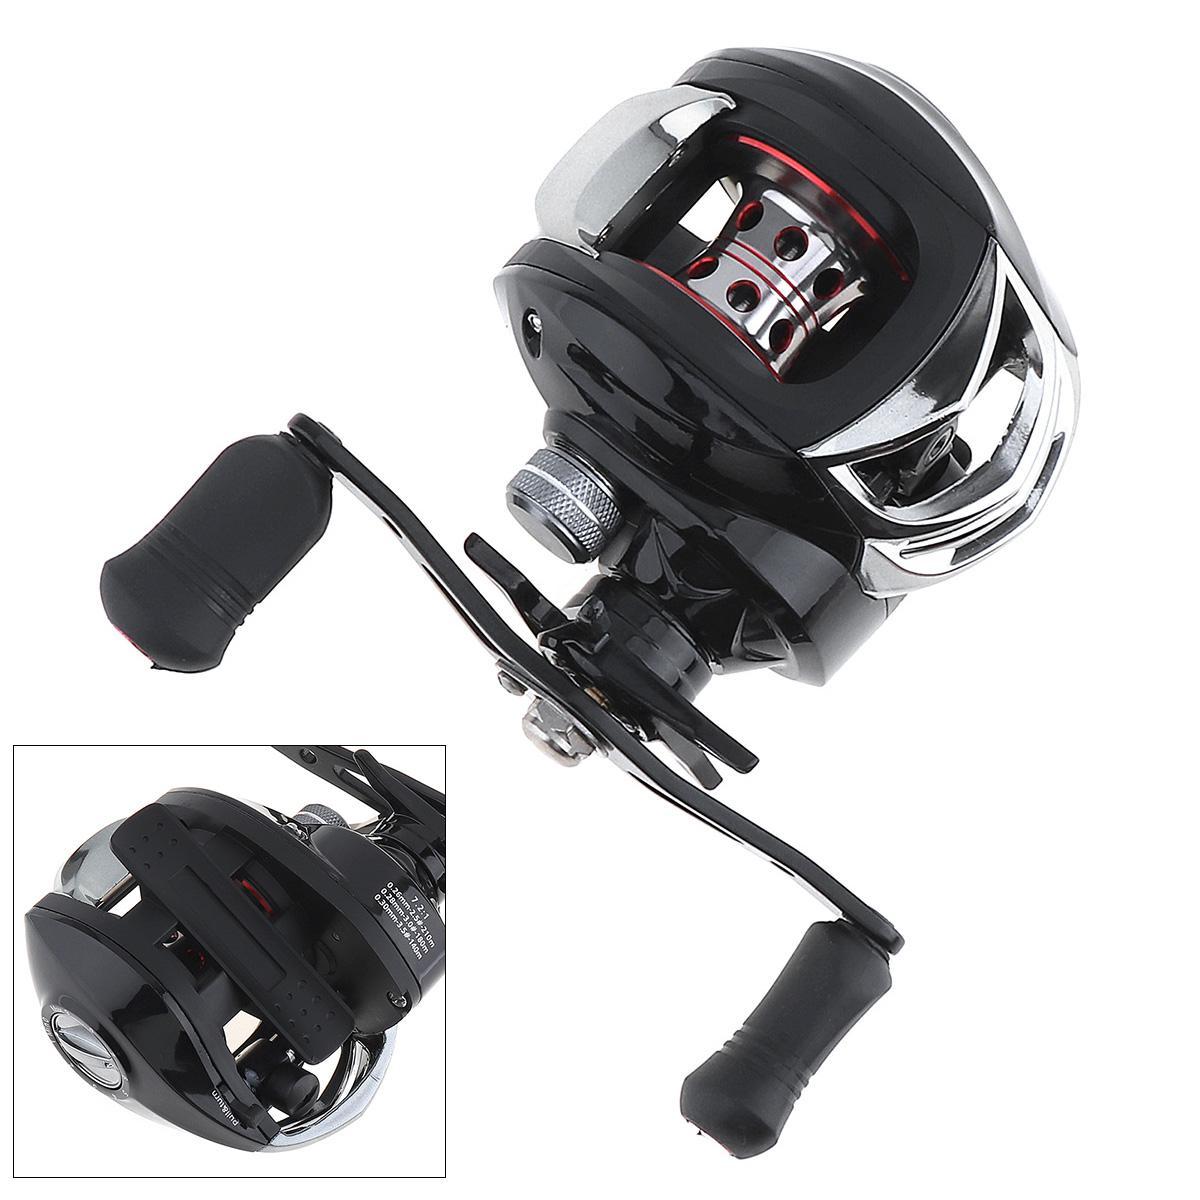 7.2: 1 17 + 1BB Black Baitcasting Bobina da Pesca Freno Magnetico Max Drag 5KG / 11LB Supporto Lega di Alluminio Mano Destra